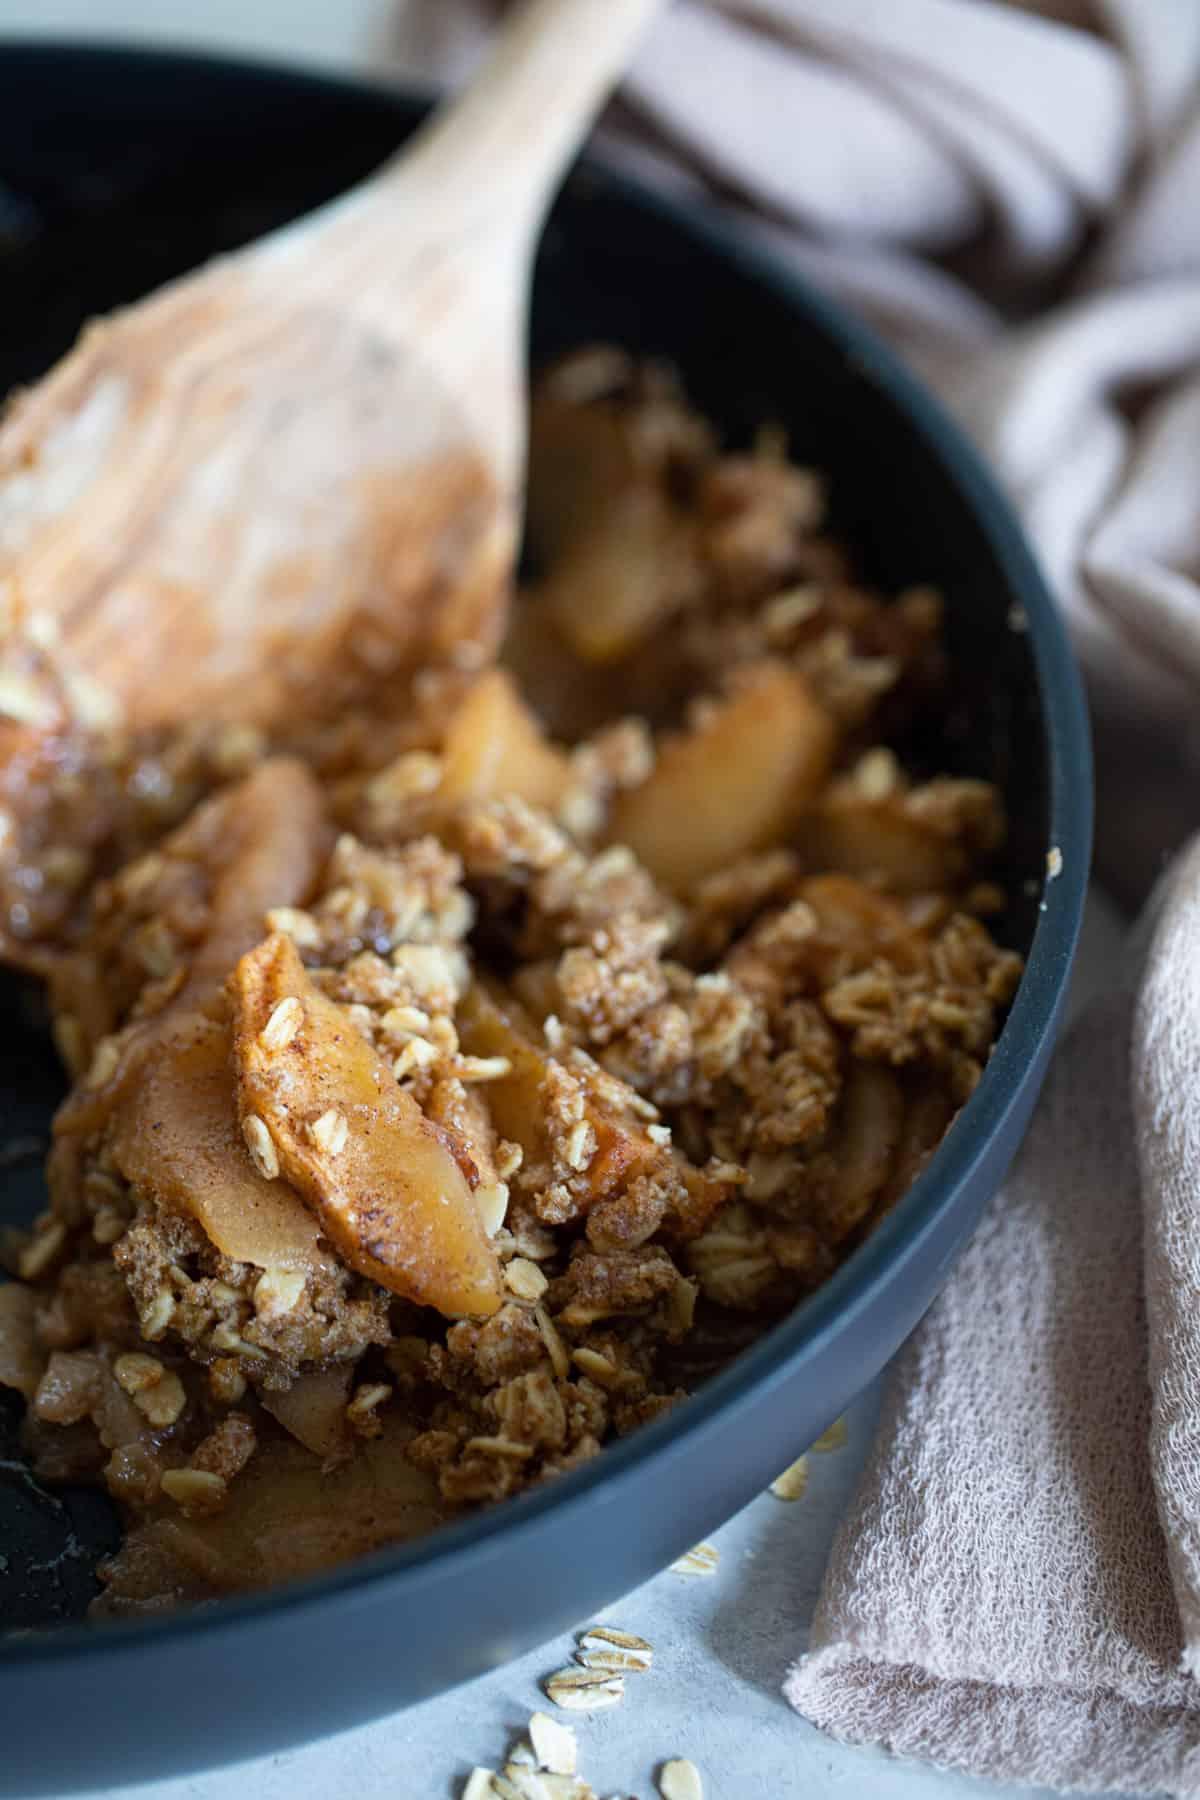 Homemade Gluten-Free Apple Crisp